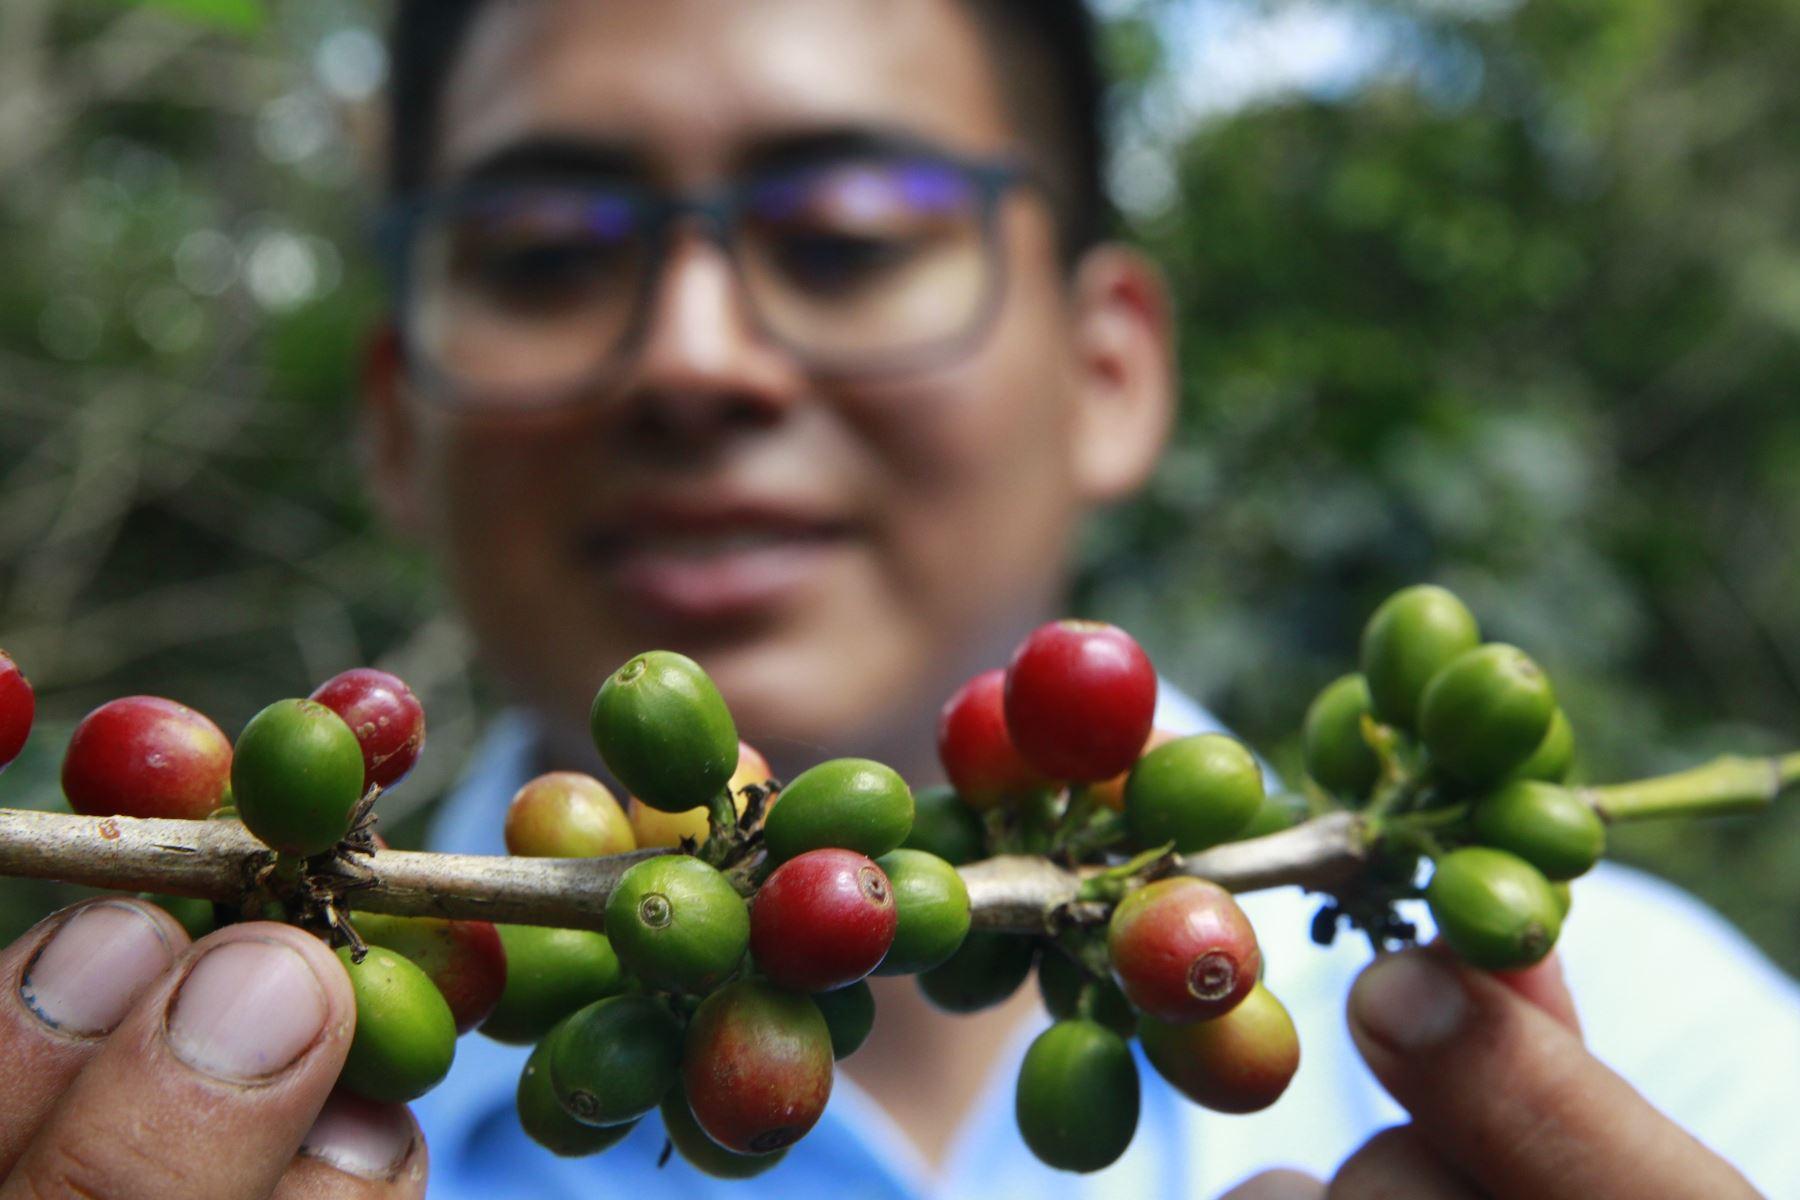 El Indecopi destacó que el café peruano cuenta con dos denominaciones de origen: Café Villa Rica (que se produce en la región Pasco) y Café Machu Picchu-Huadquiña (en la región Cusco), que le da mayores oportunidades de posicionamiento en el país y acceso al mercado internacional. ANDINA/Eddy Ramos